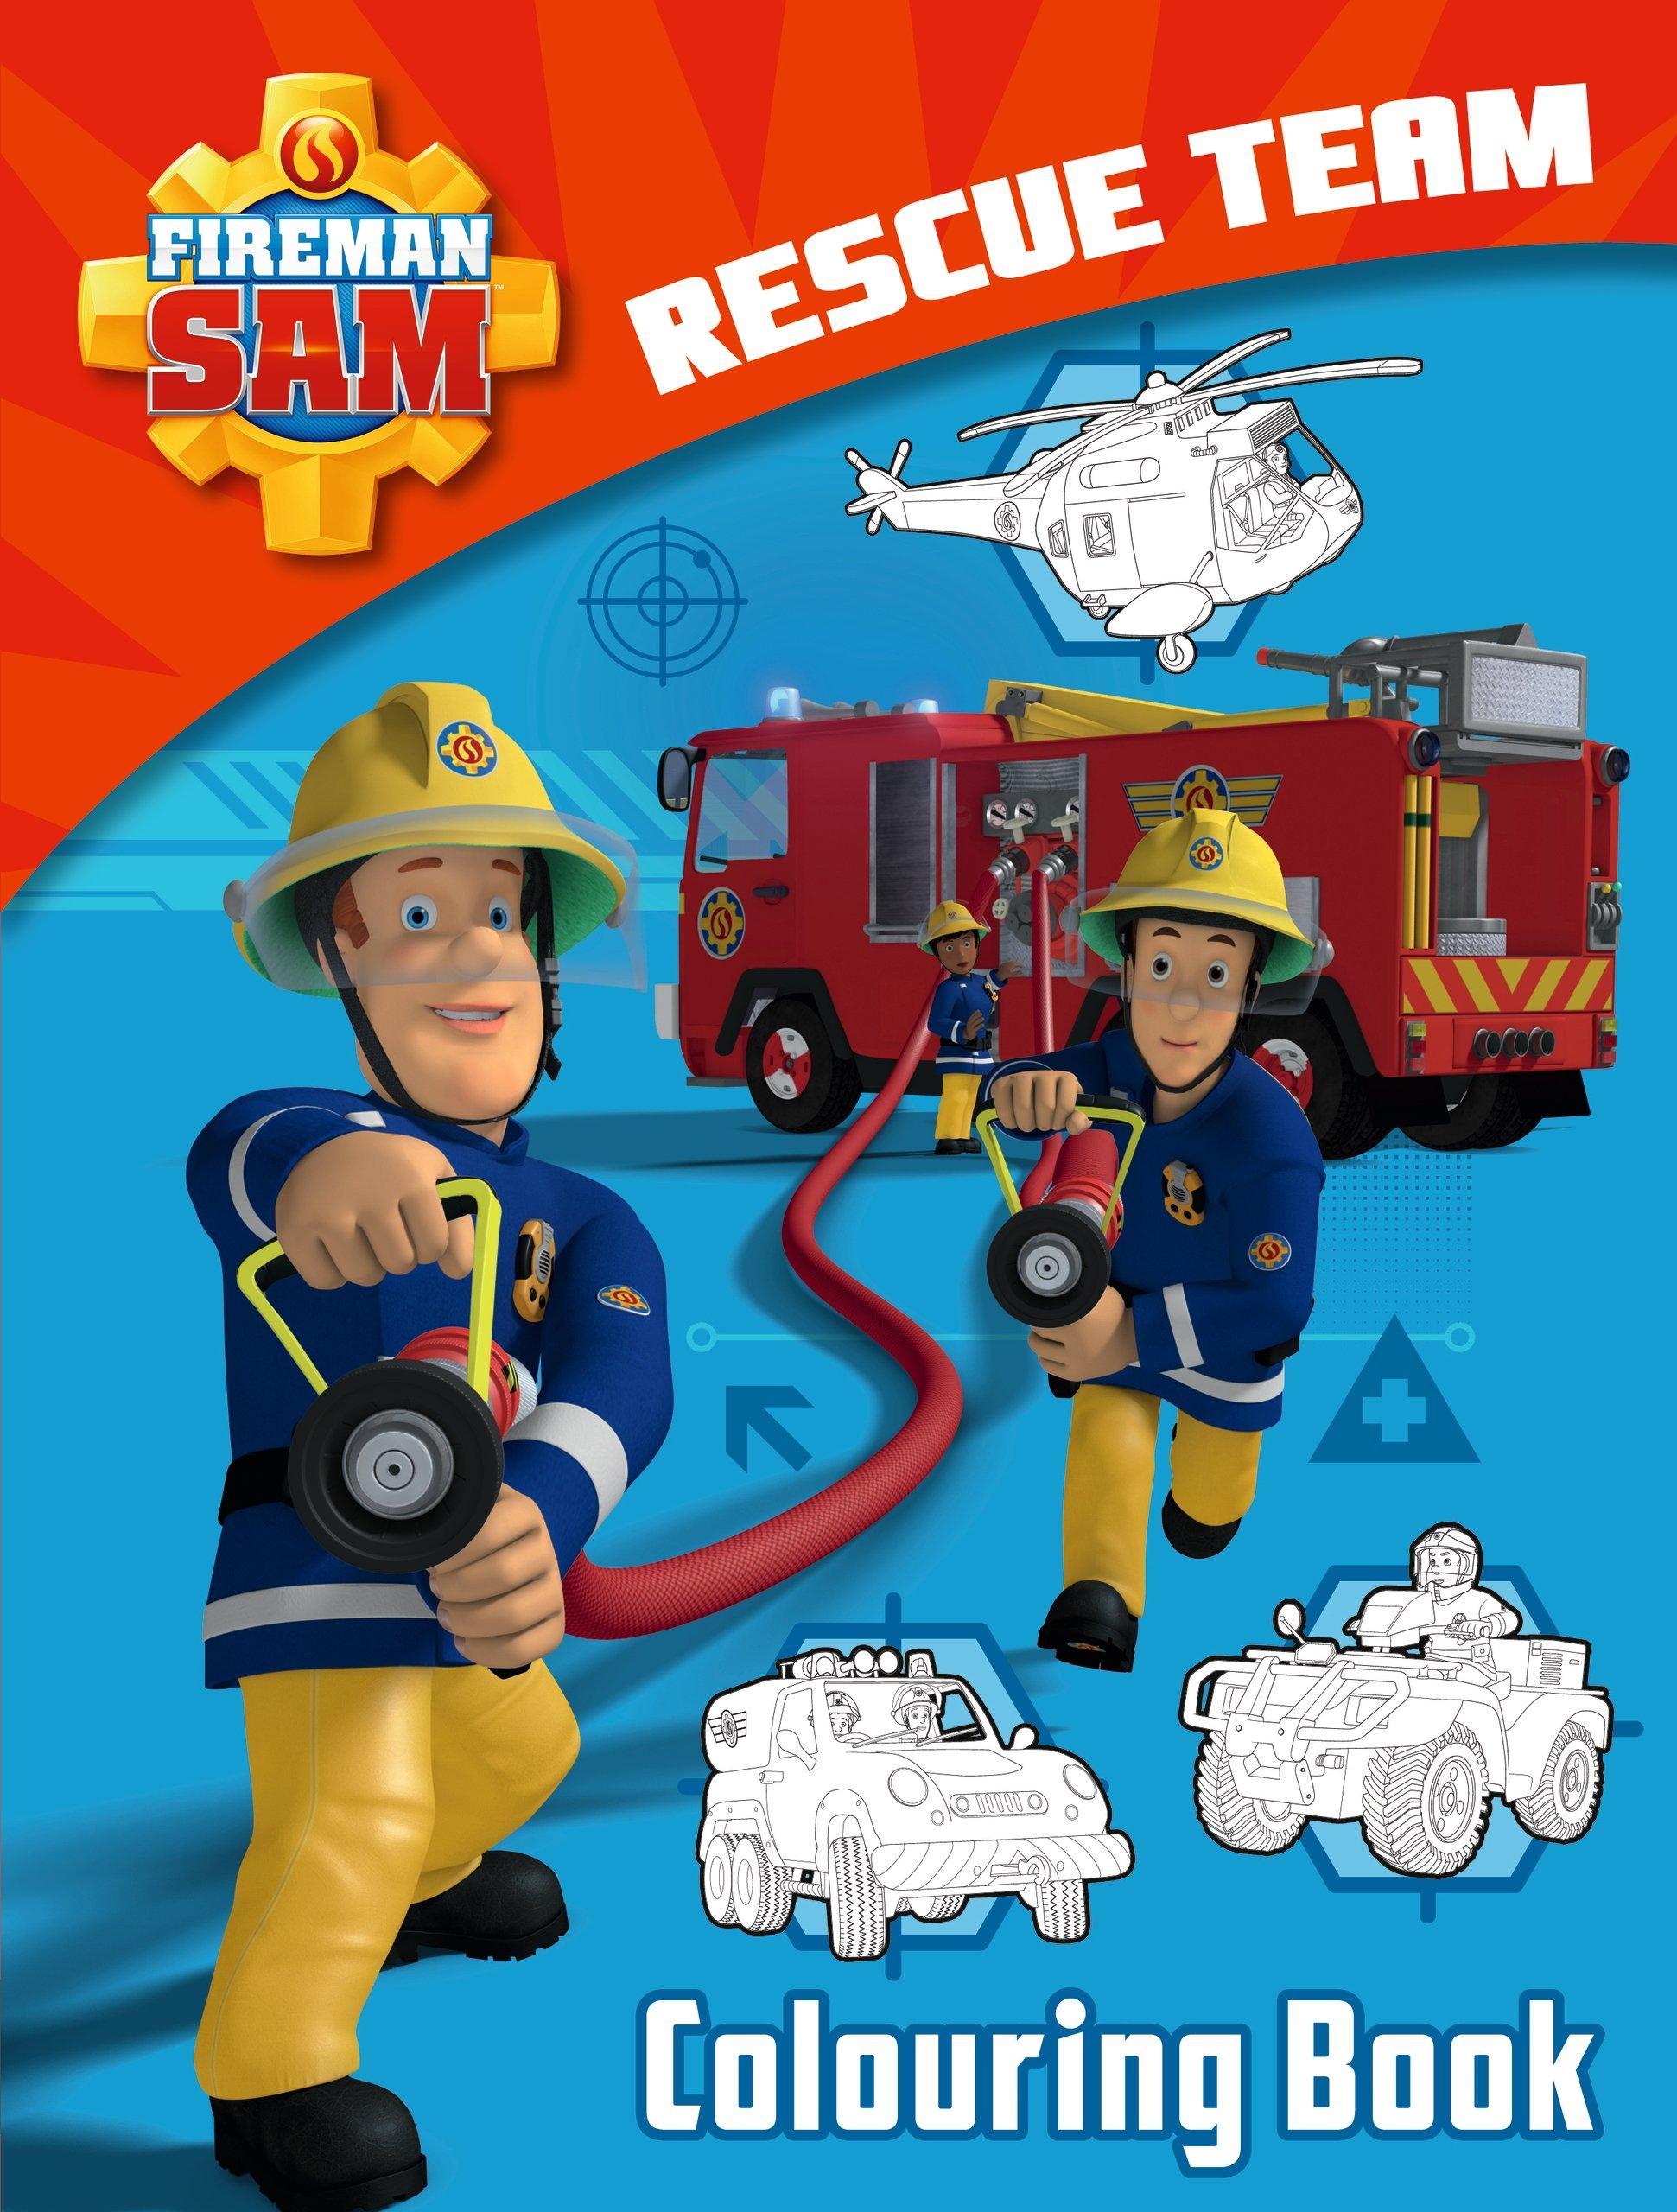 Fireman Sam: Rescue Team Colouring Book: Amazon.de ...